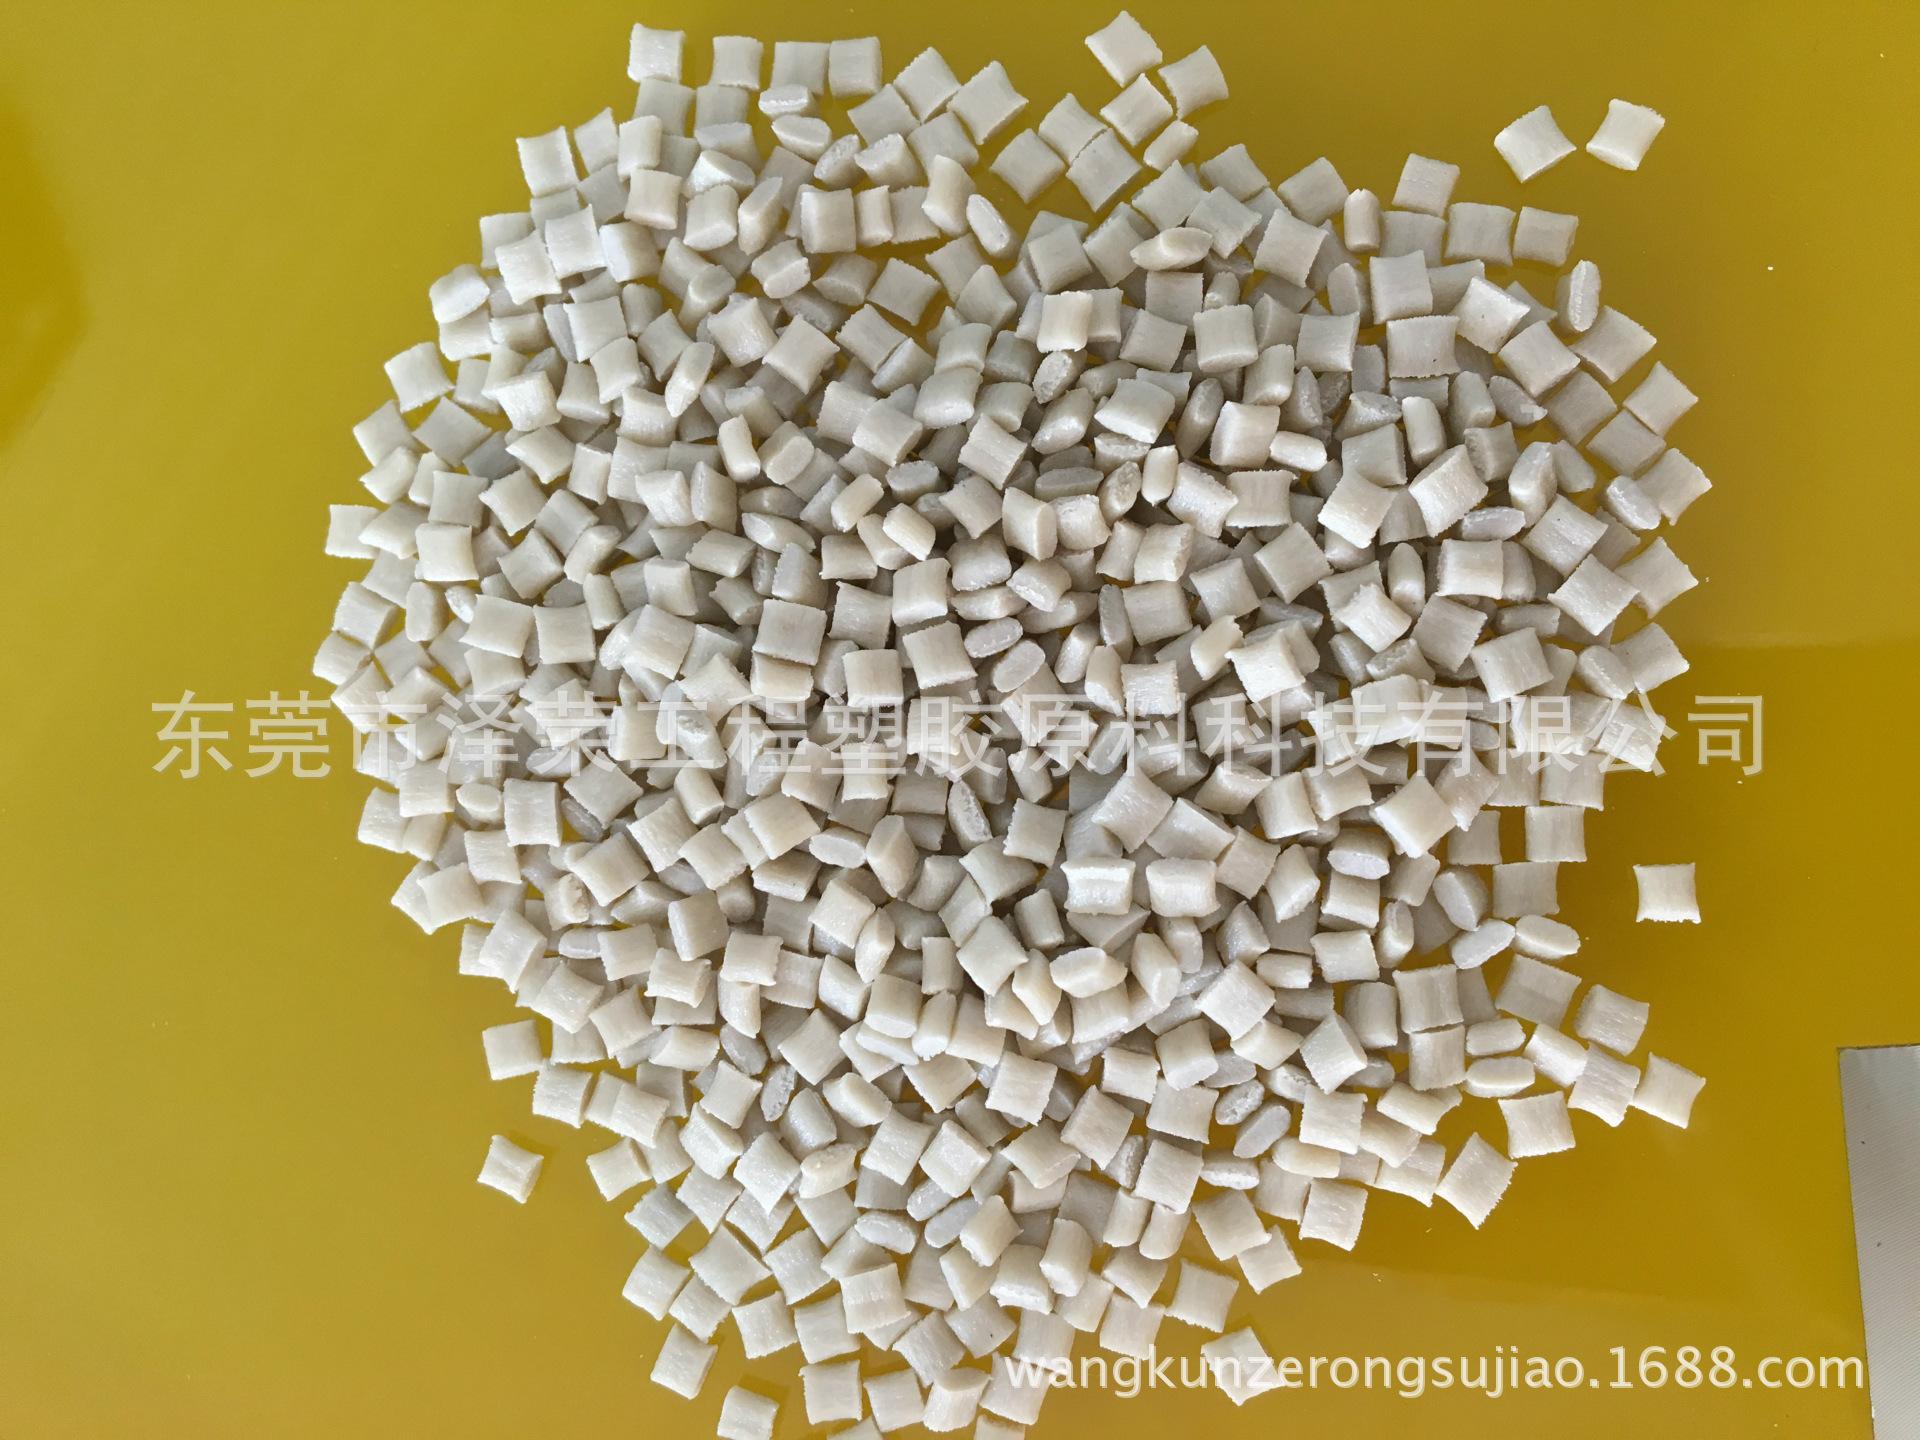 现货PPS 本白色增强40% 可配任意颜色 塑料粒子